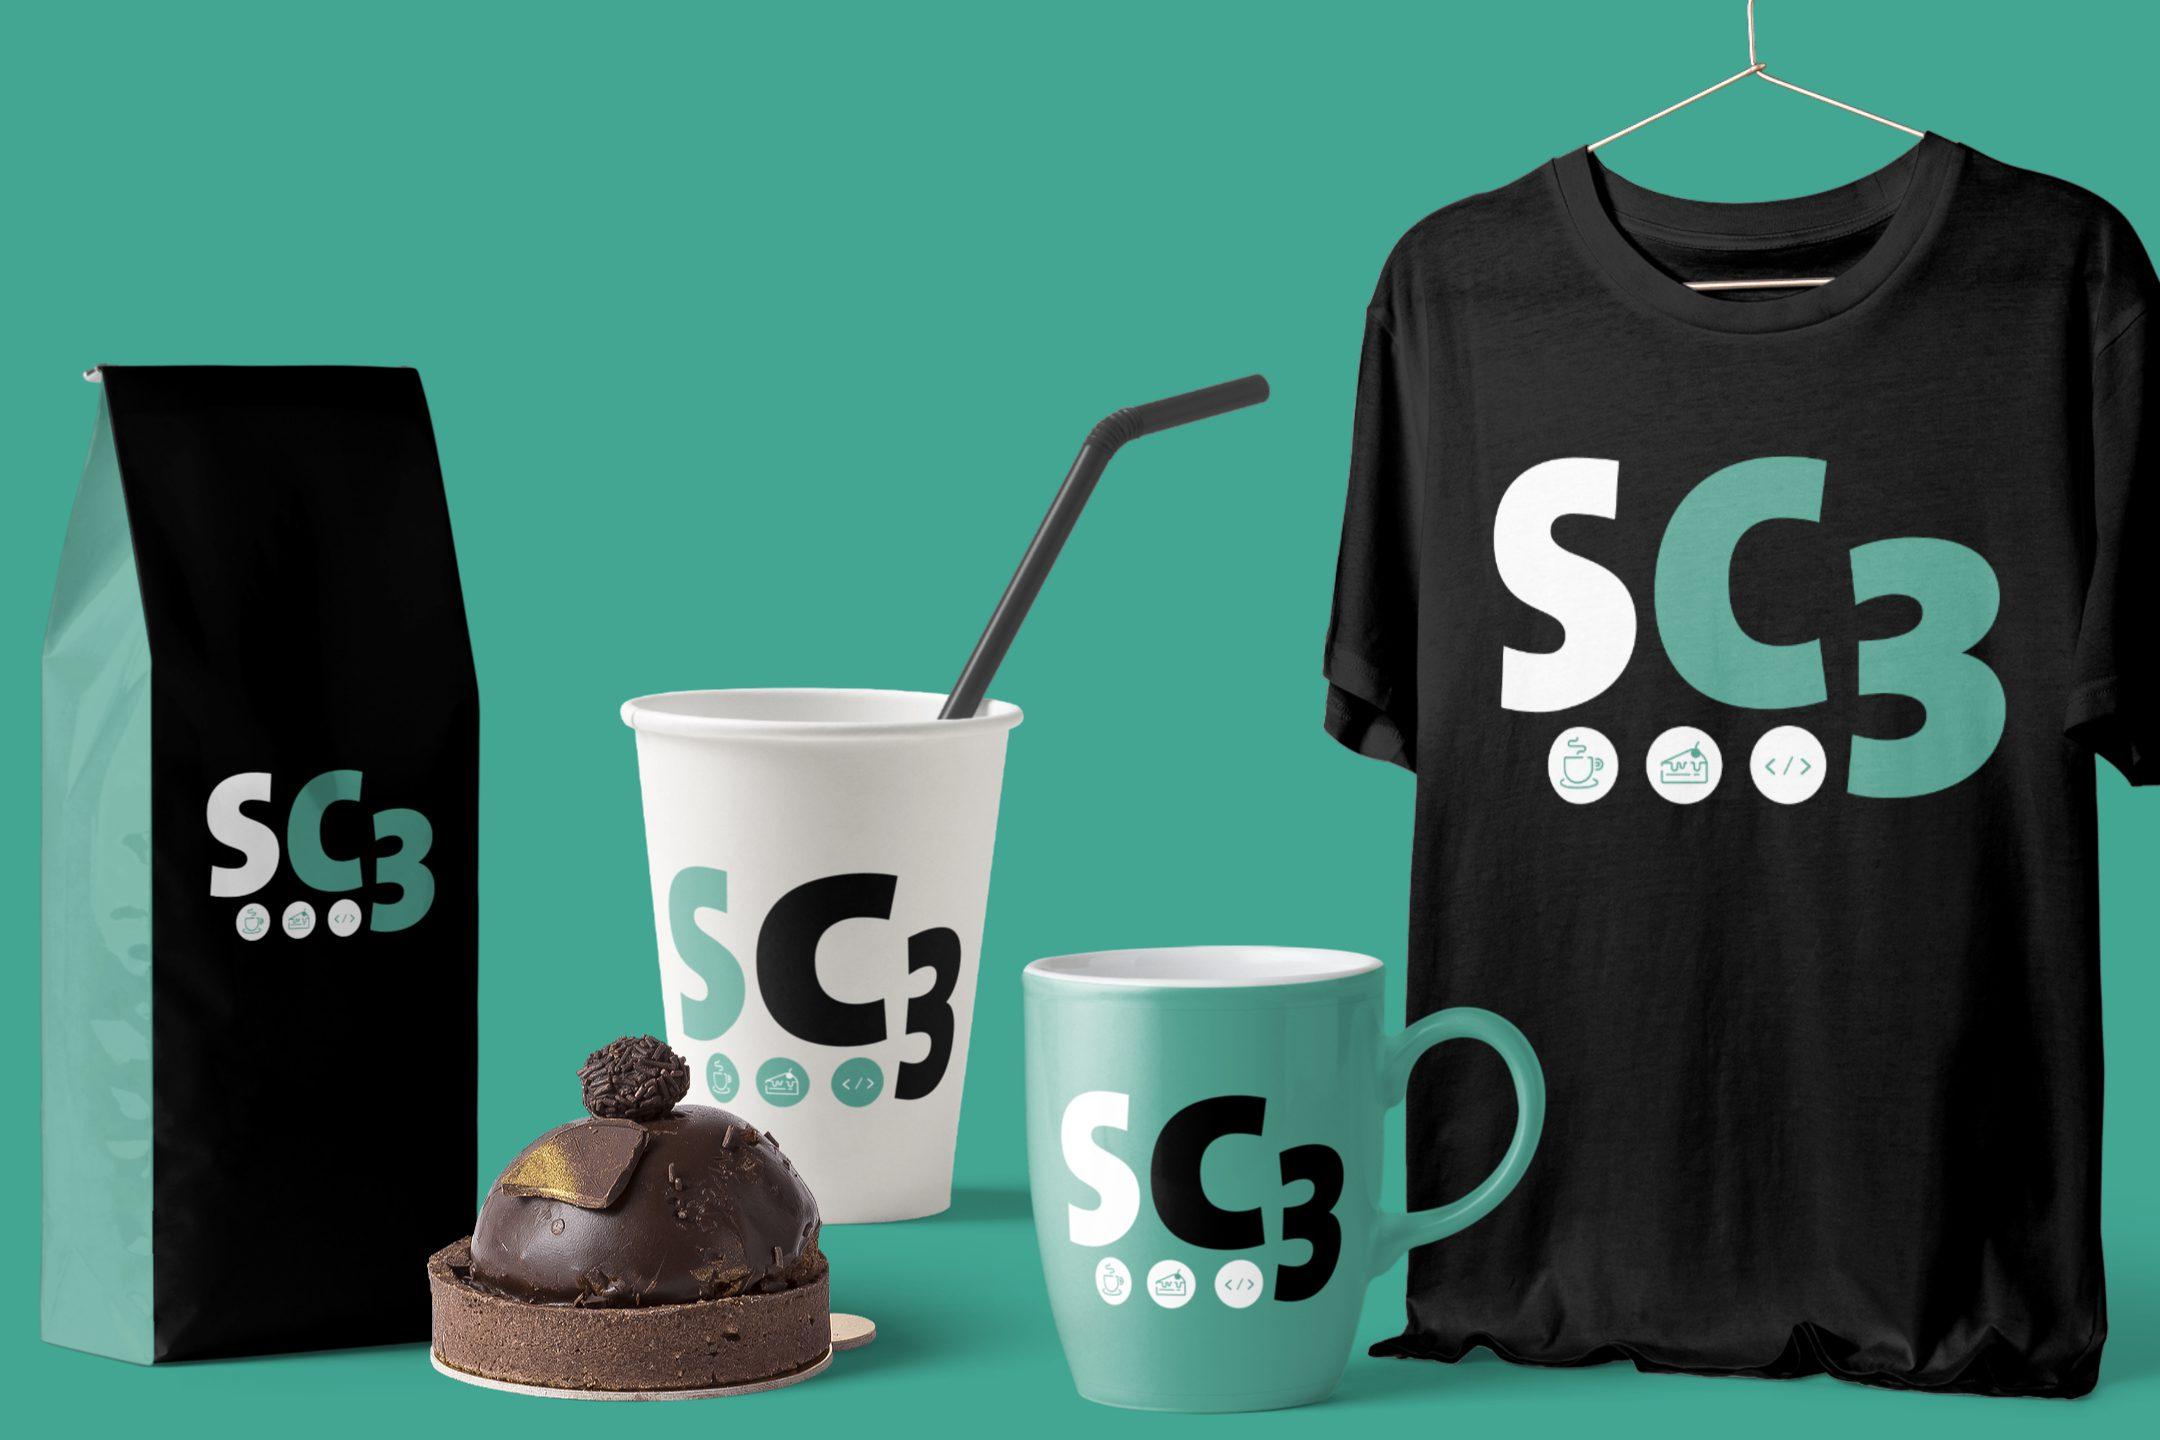 Peças o evento interno da Sharecare chamado SC3, onde a equipe de coders troca experiências tomando um café e comendo um bolo.